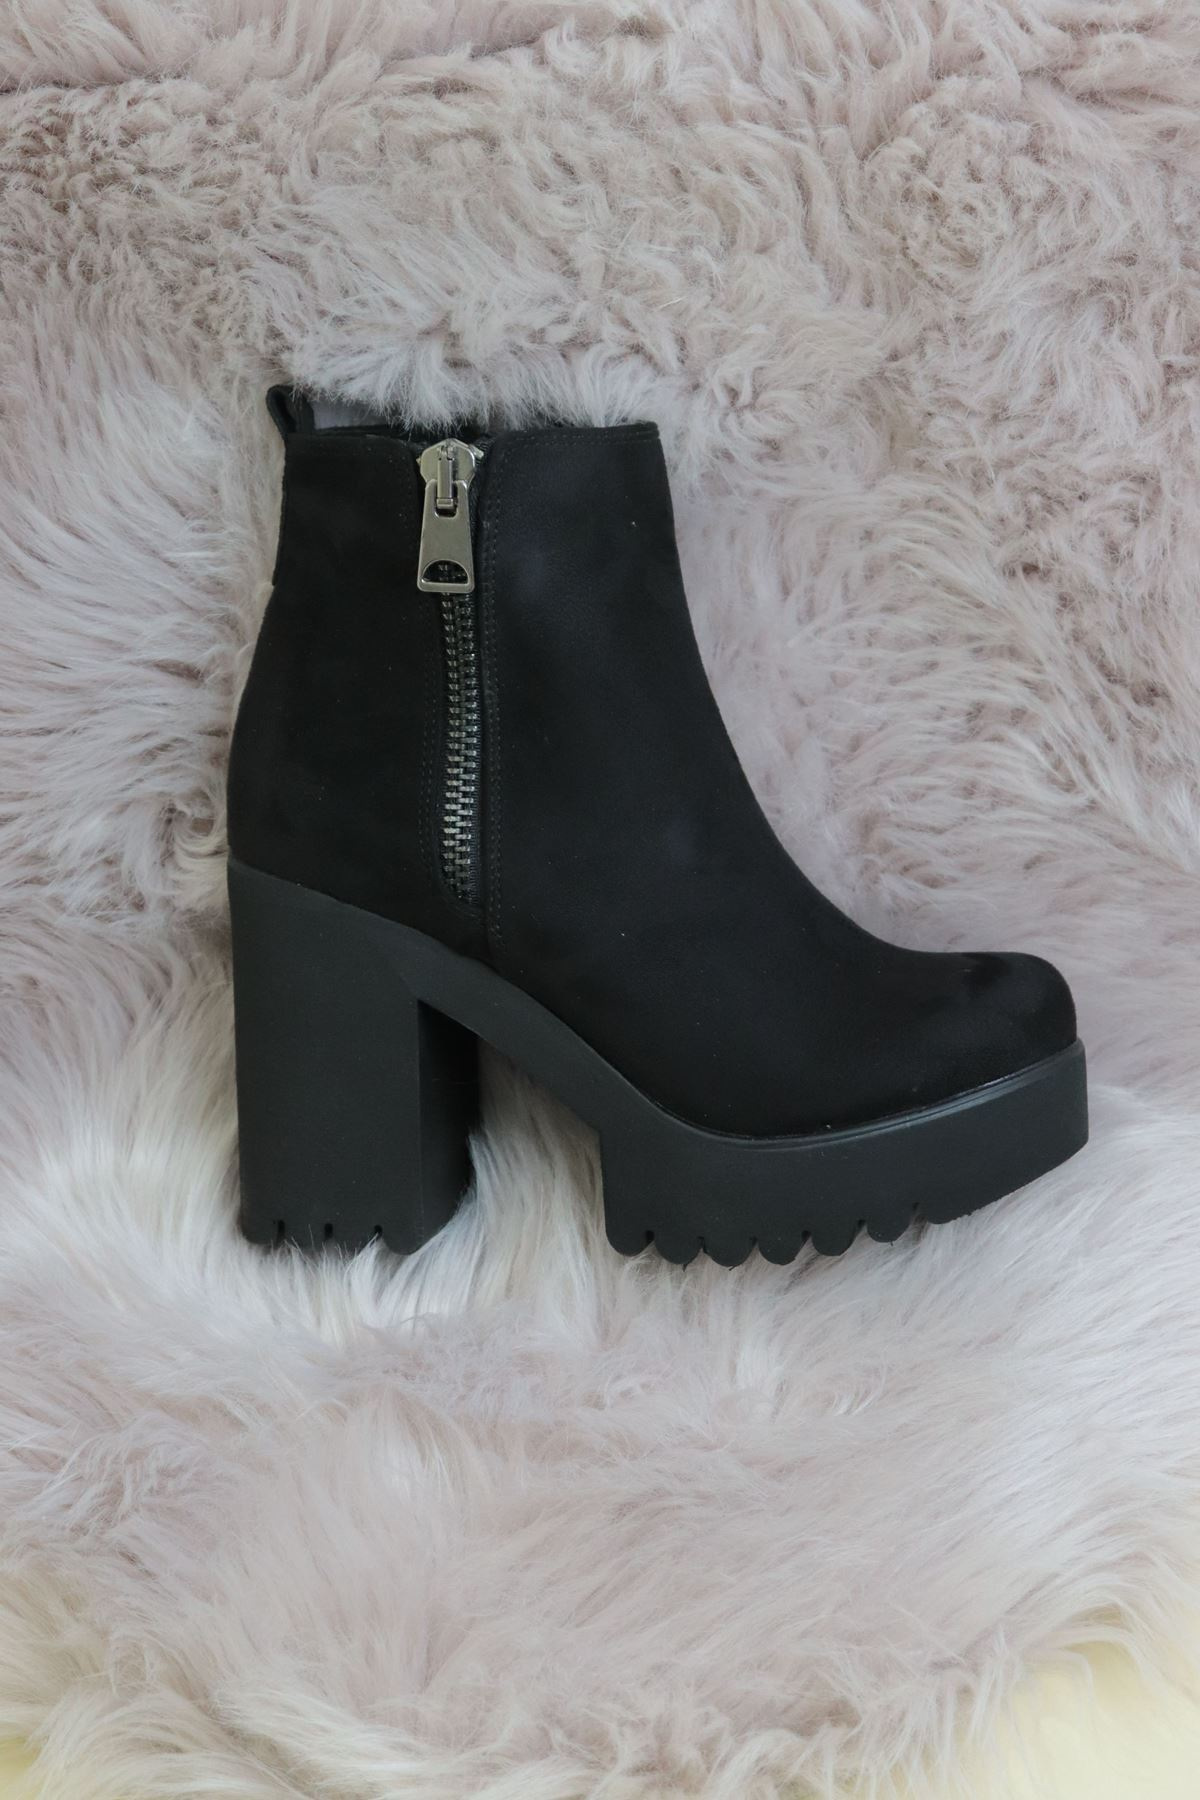 Trendayakkabı - Siyah Süet Fermuarlı Yüksek Topuk Kadın Bot